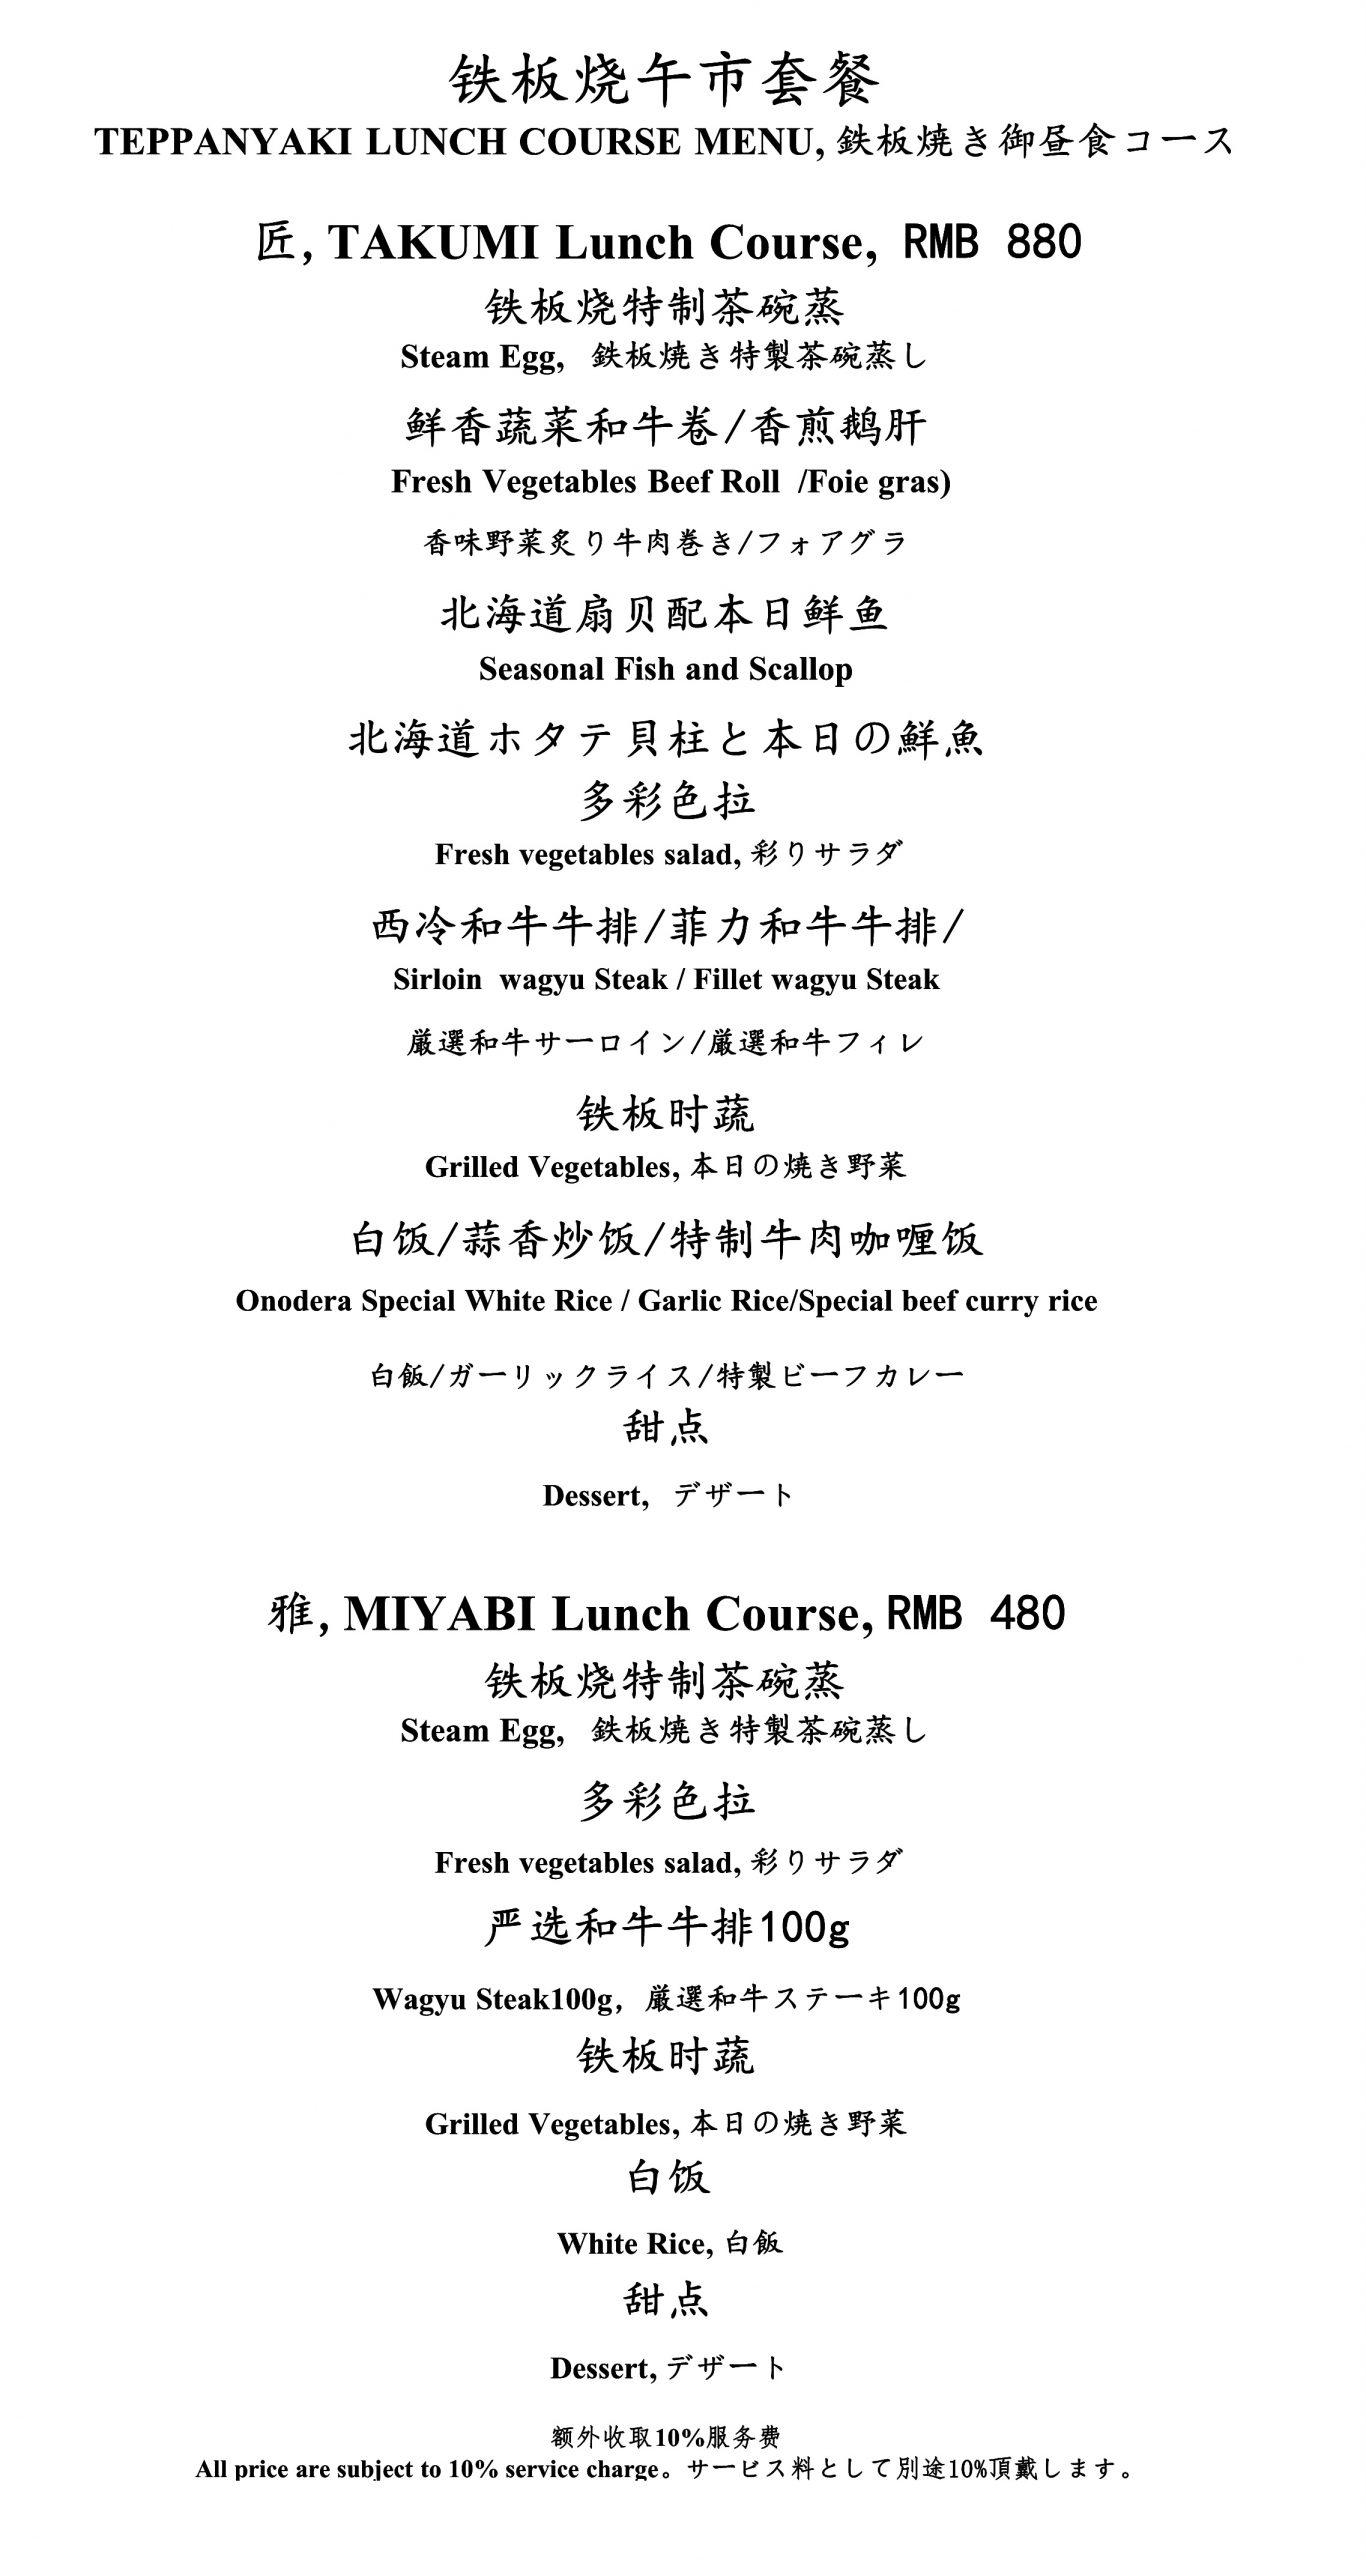 鉄板焼 [上海店] ランチメニュー2